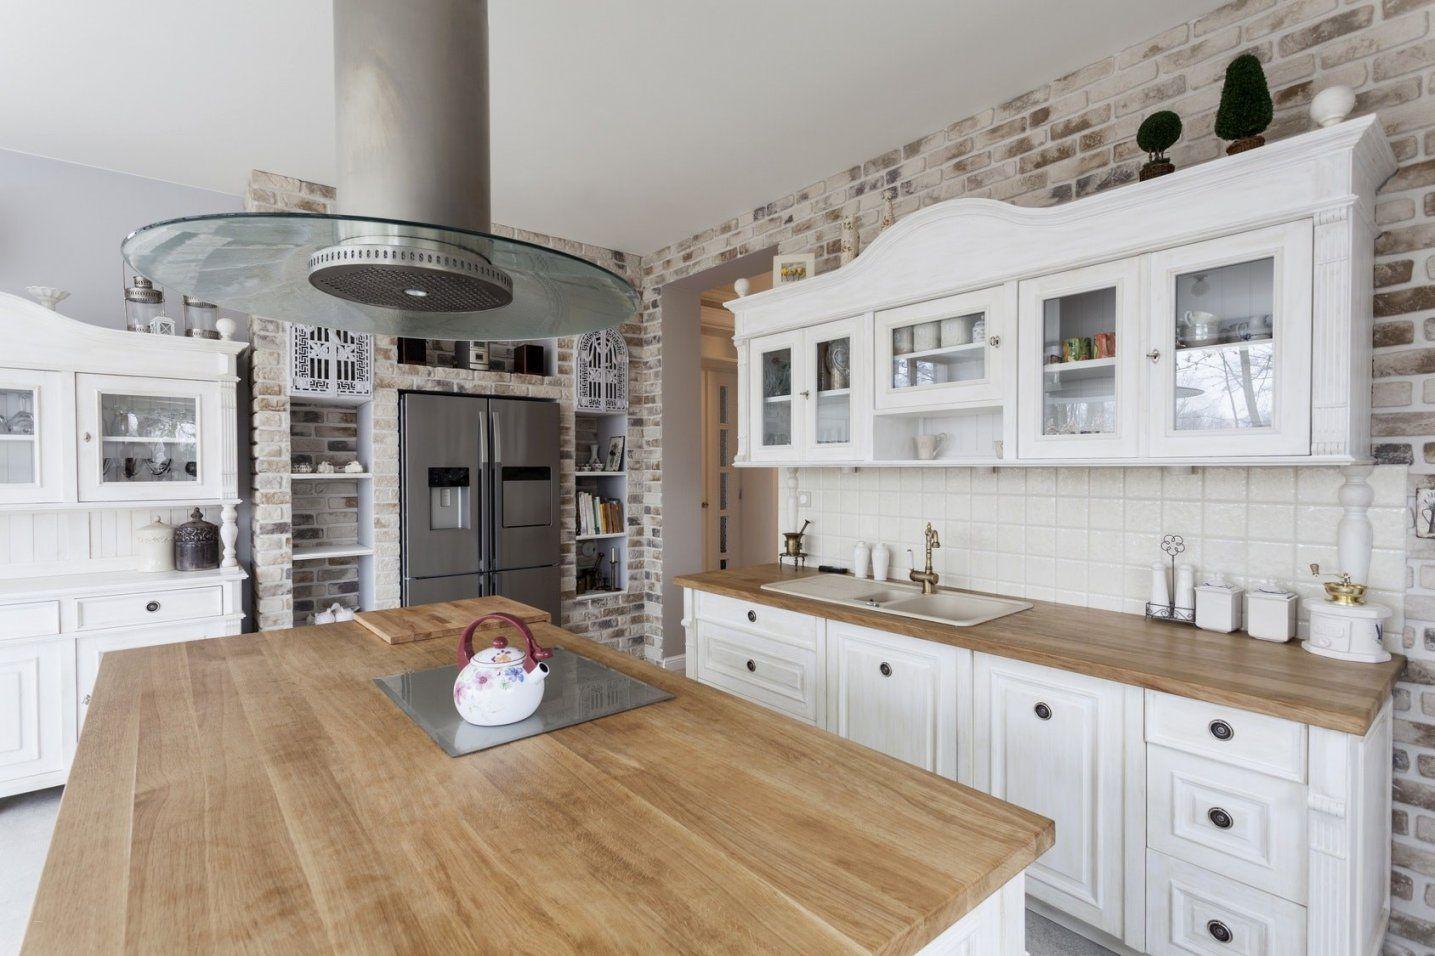 Küche Im Landhausstil Gestalten Schön Einbauküche Weiss Landhausstil von Küche Im Landhausstil Gestalten Bild